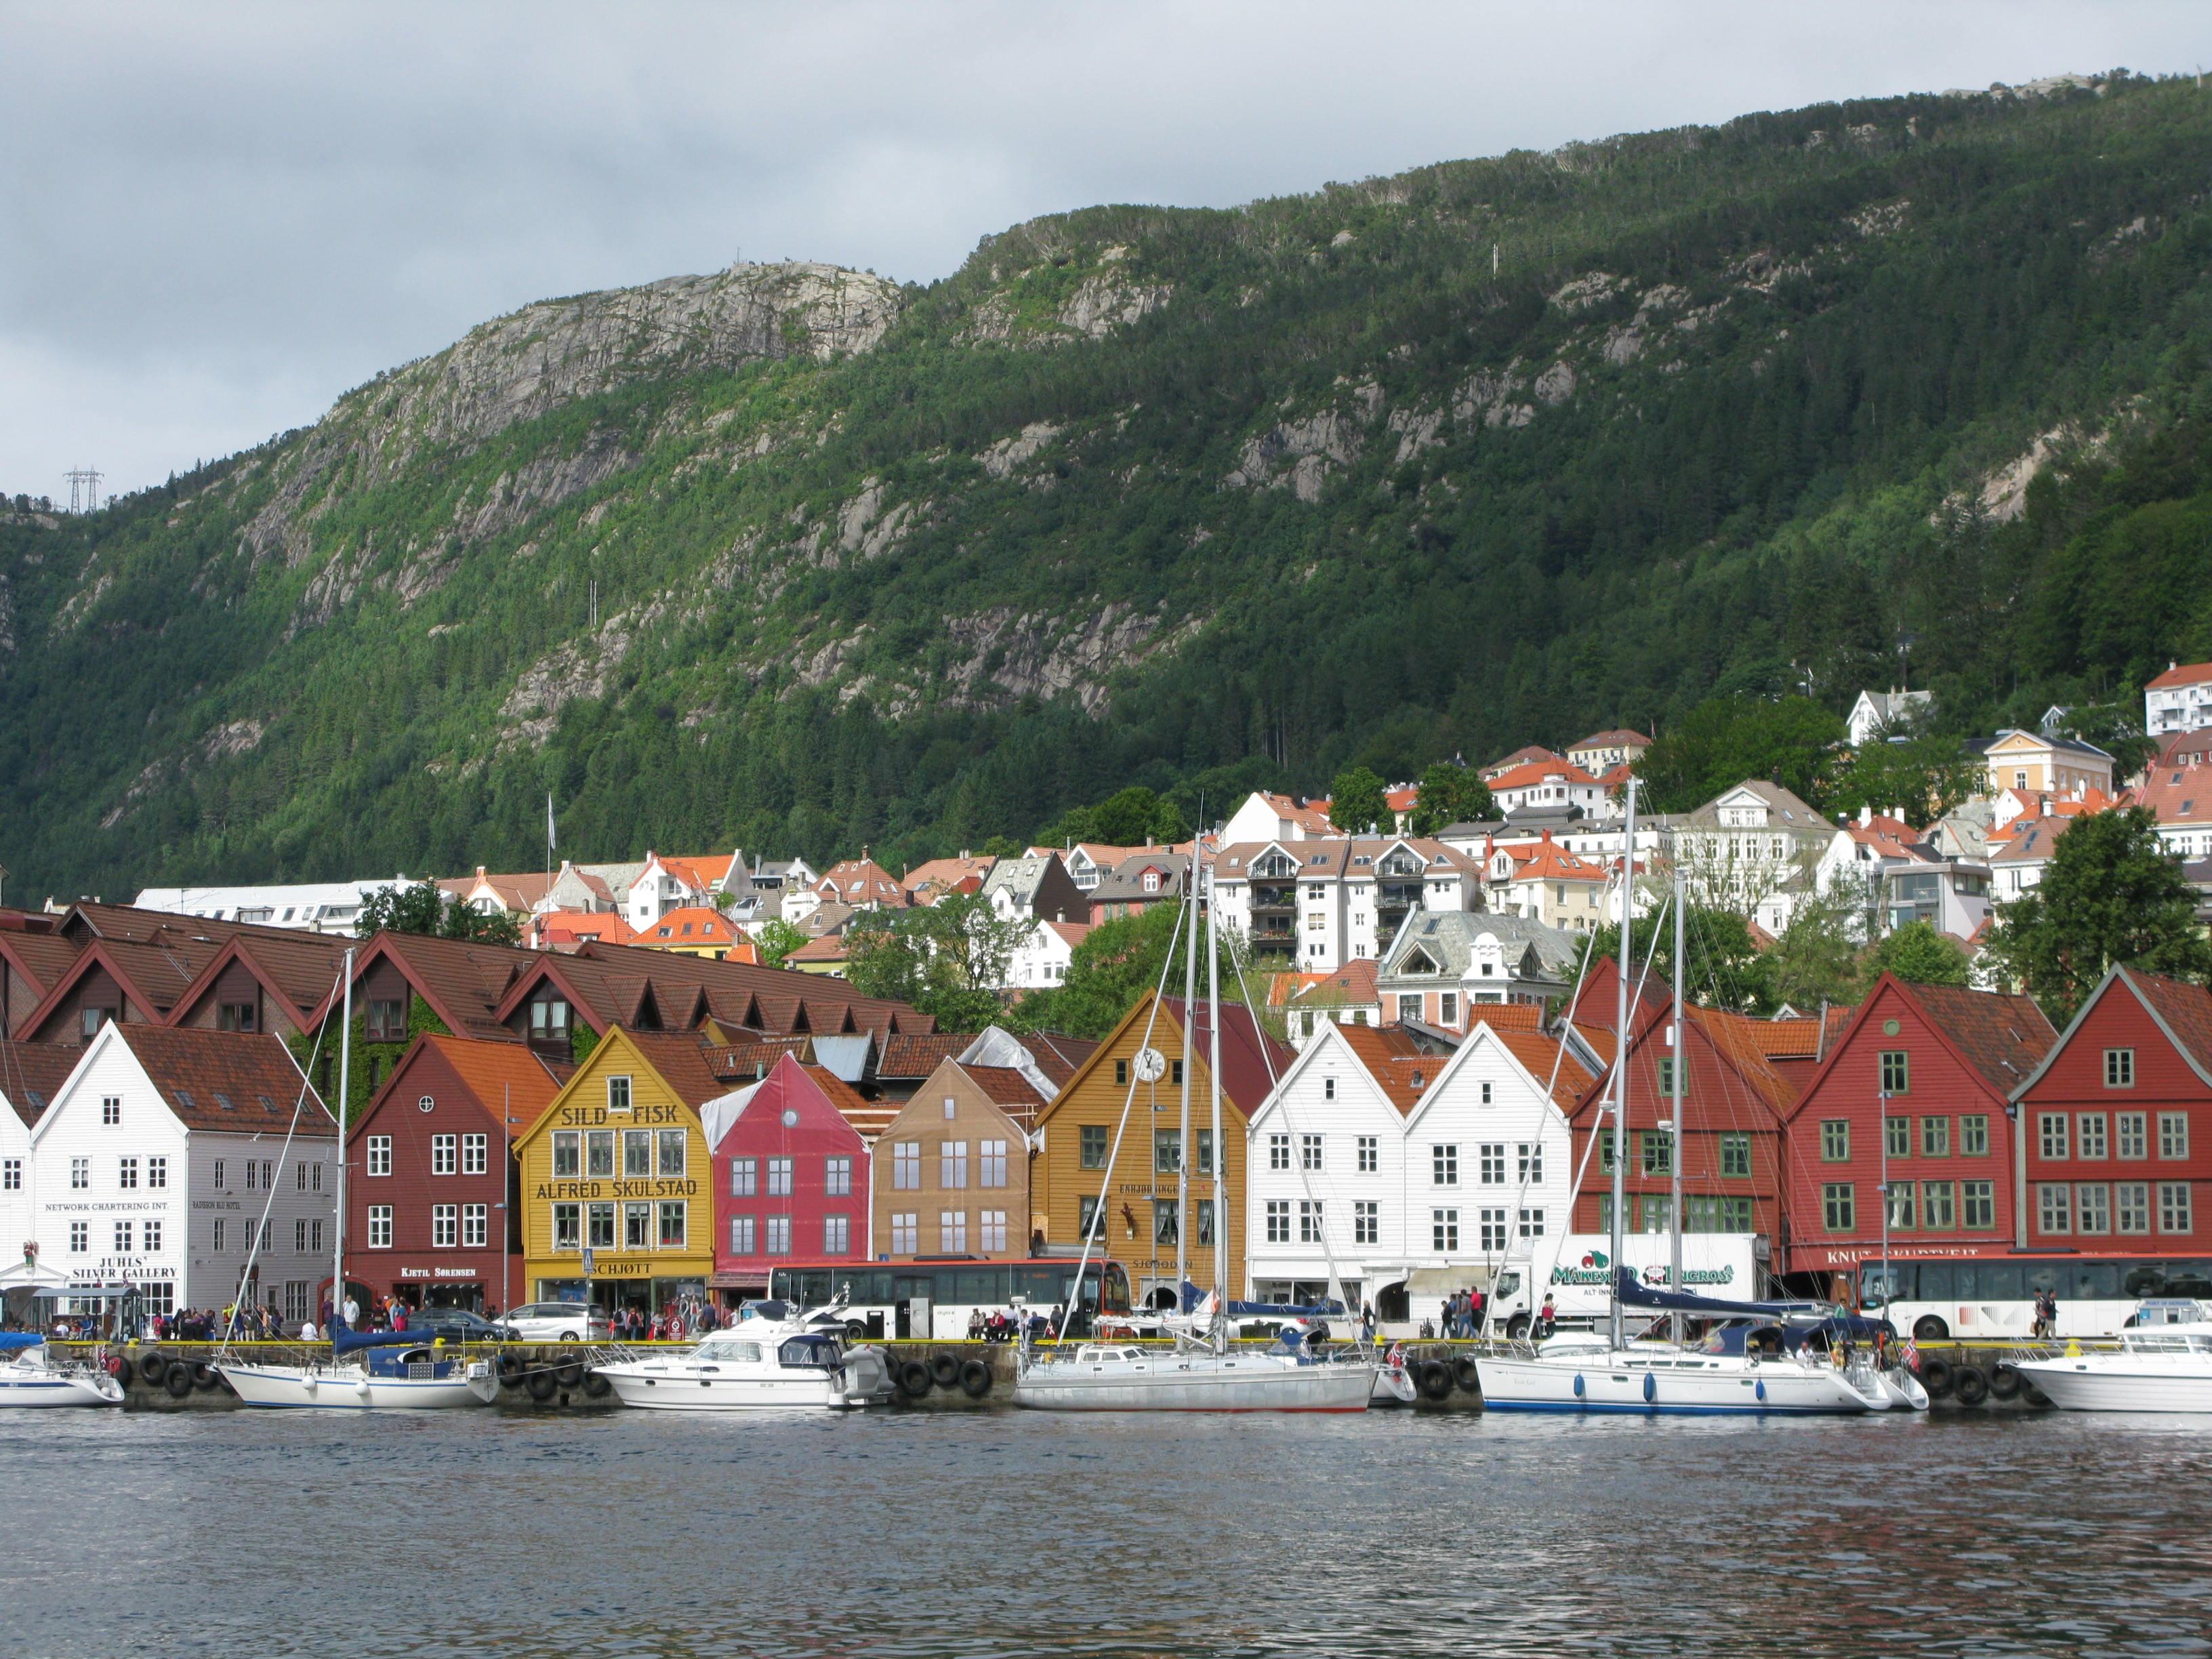 Schoonderwoerd_noorwegen-bergen-kopie